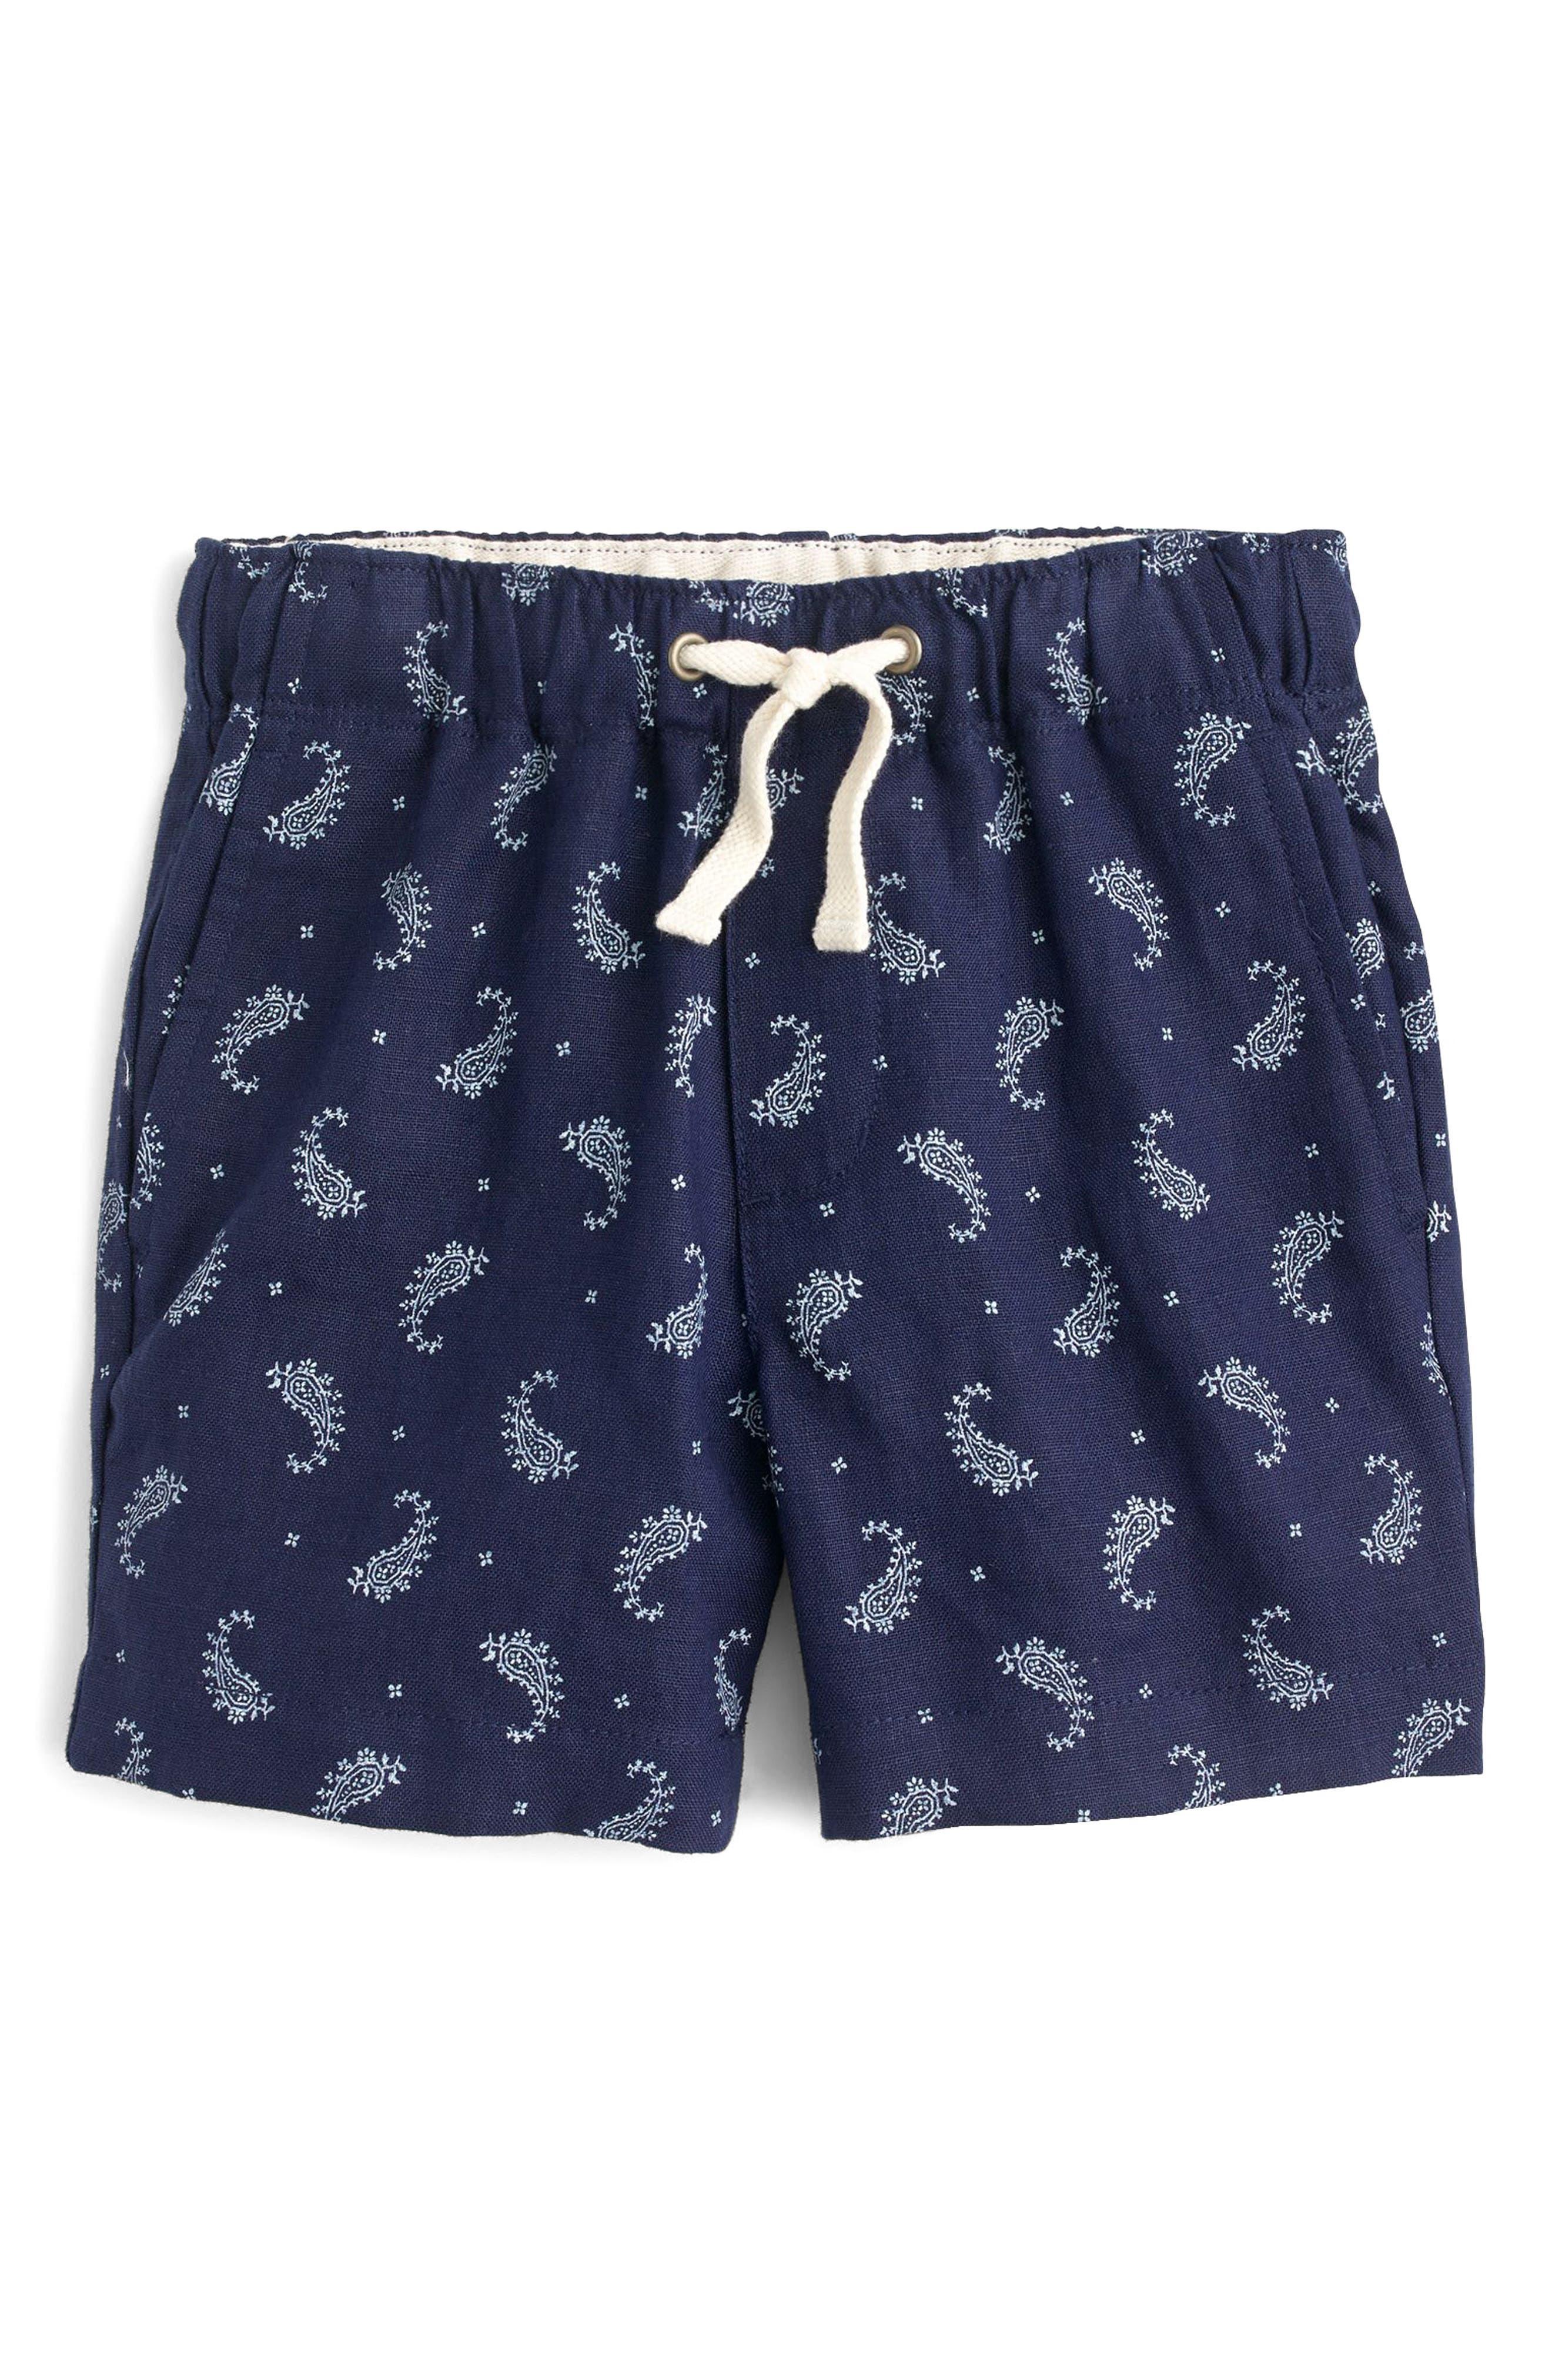 Paisley Dock Shorts,                             Main thumbnail 1, color,                             400